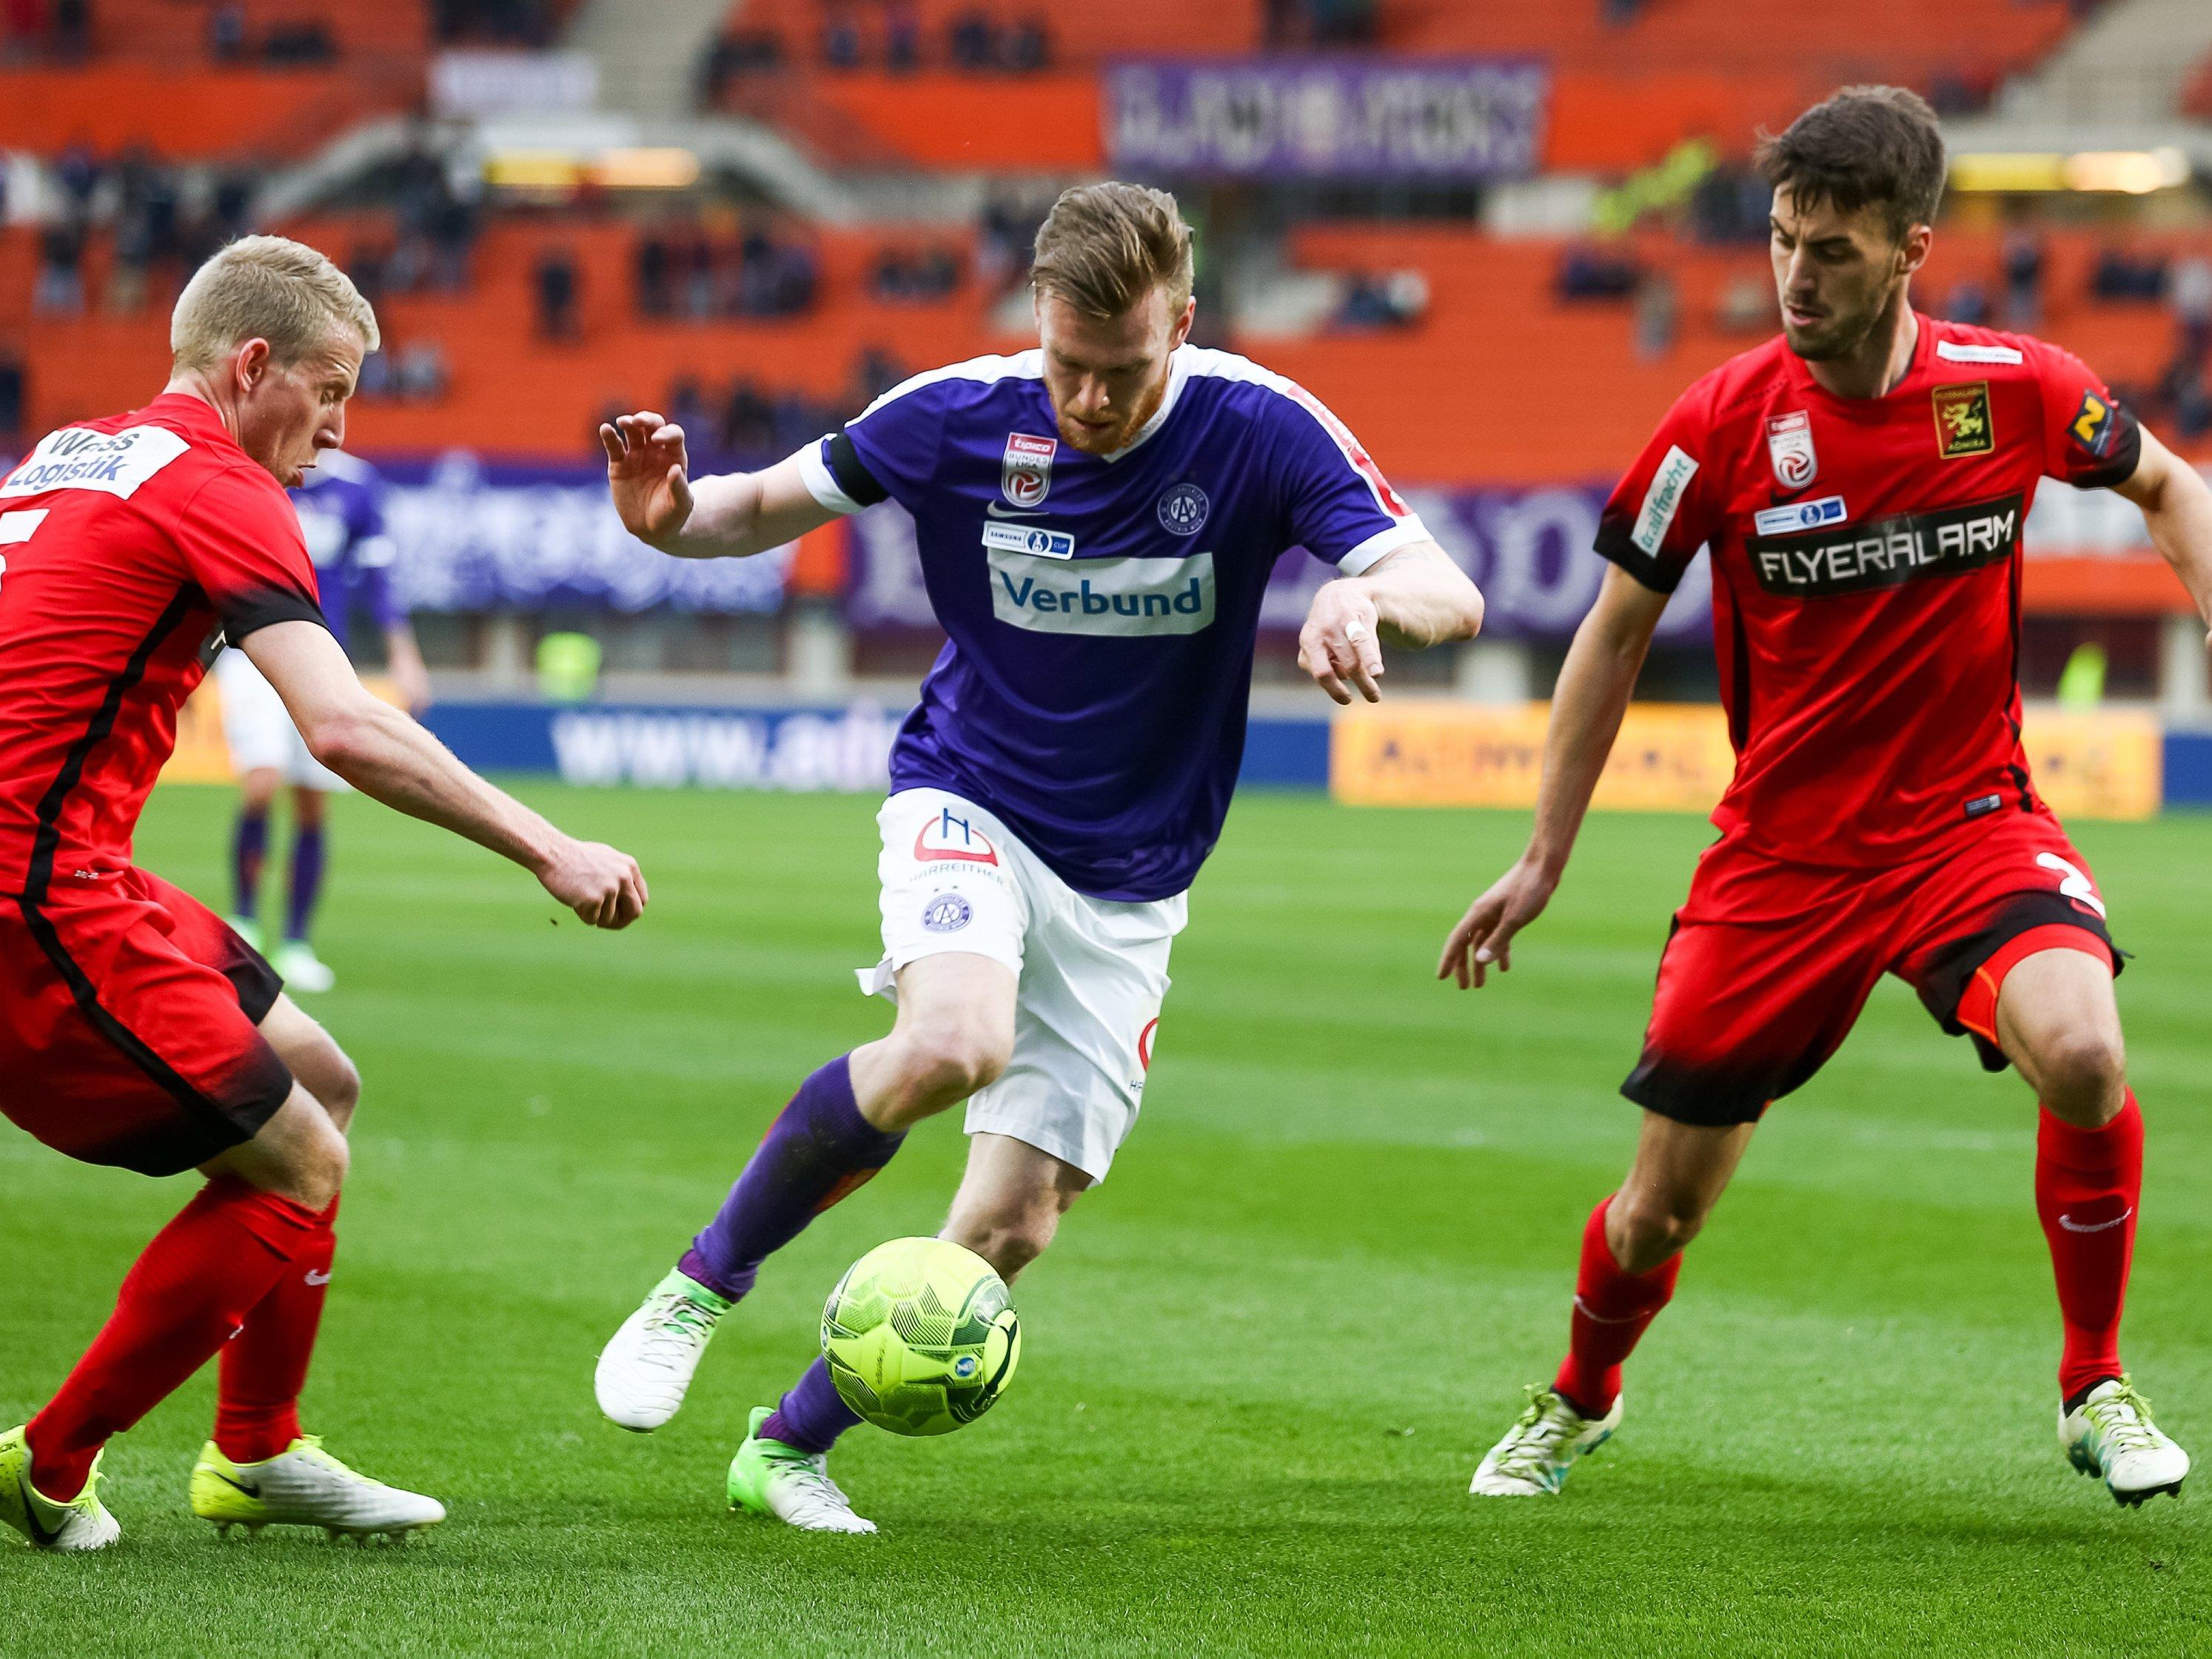 LIVE-Ticker zum Spiel FC Admira Wacker gegen FK Austria Wien ab 16.30 Uhr.